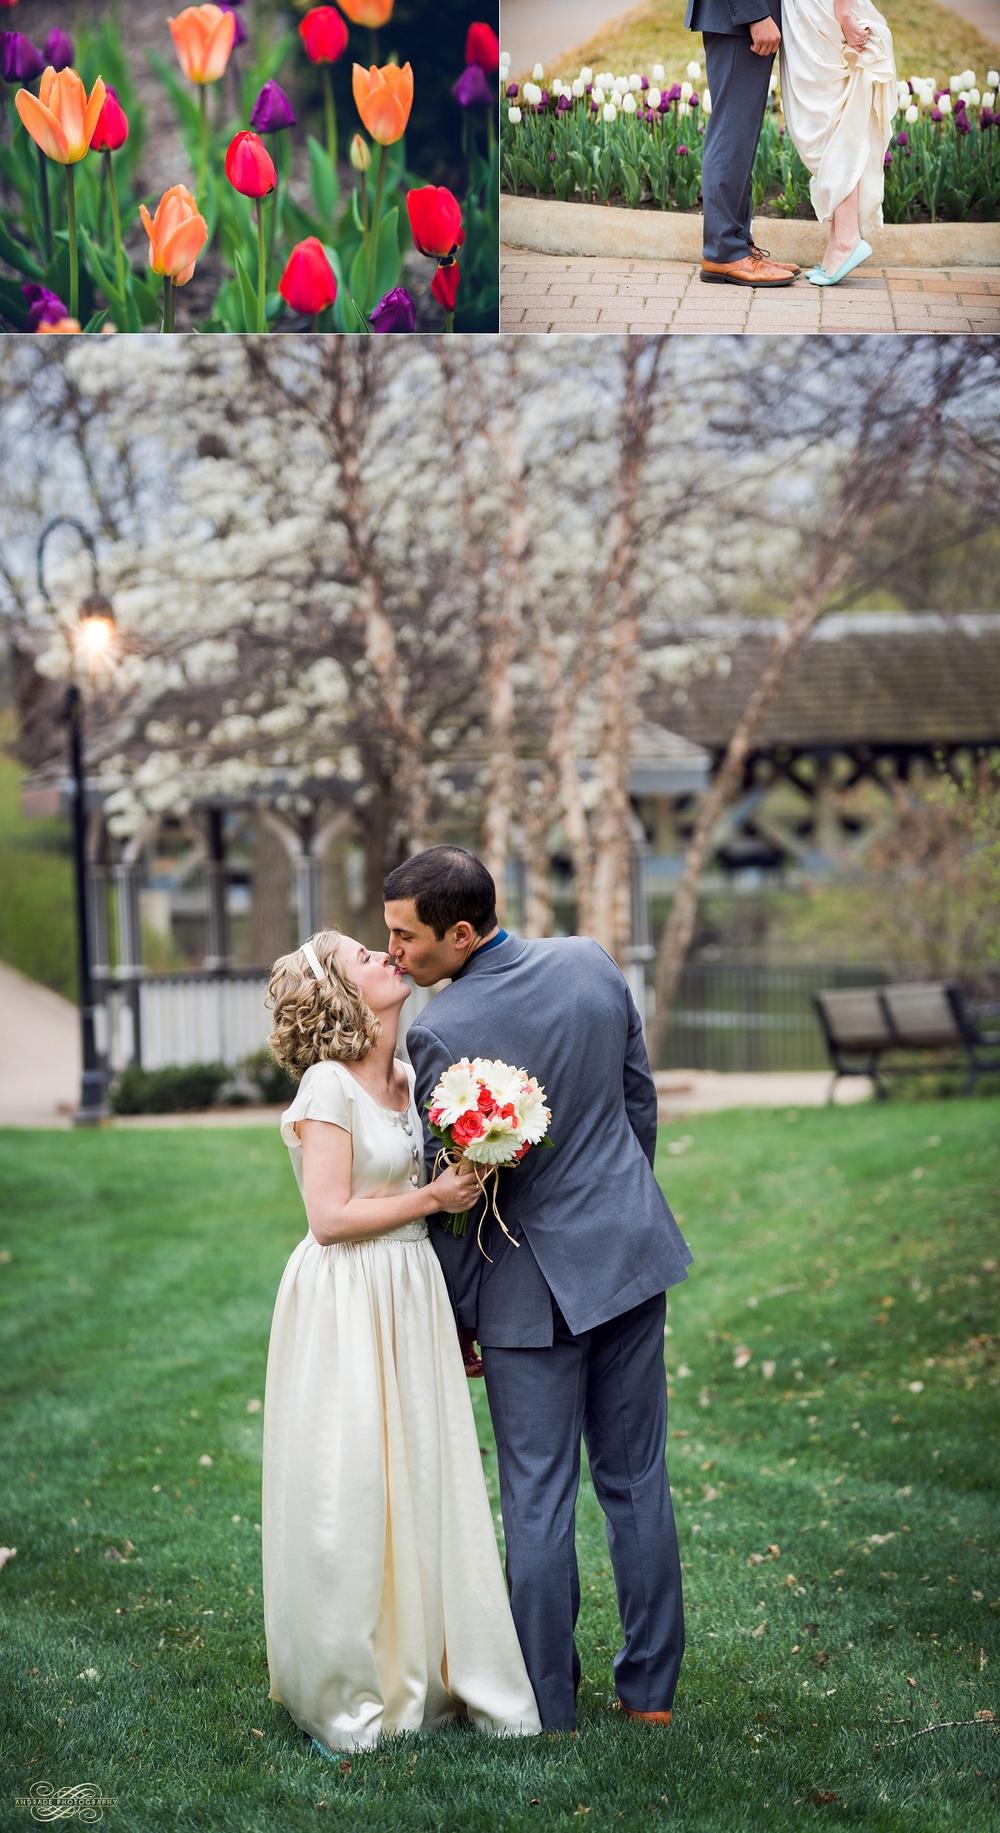 Meggie + Alex Chicago Naperville Wedding Photography_0050.jpg